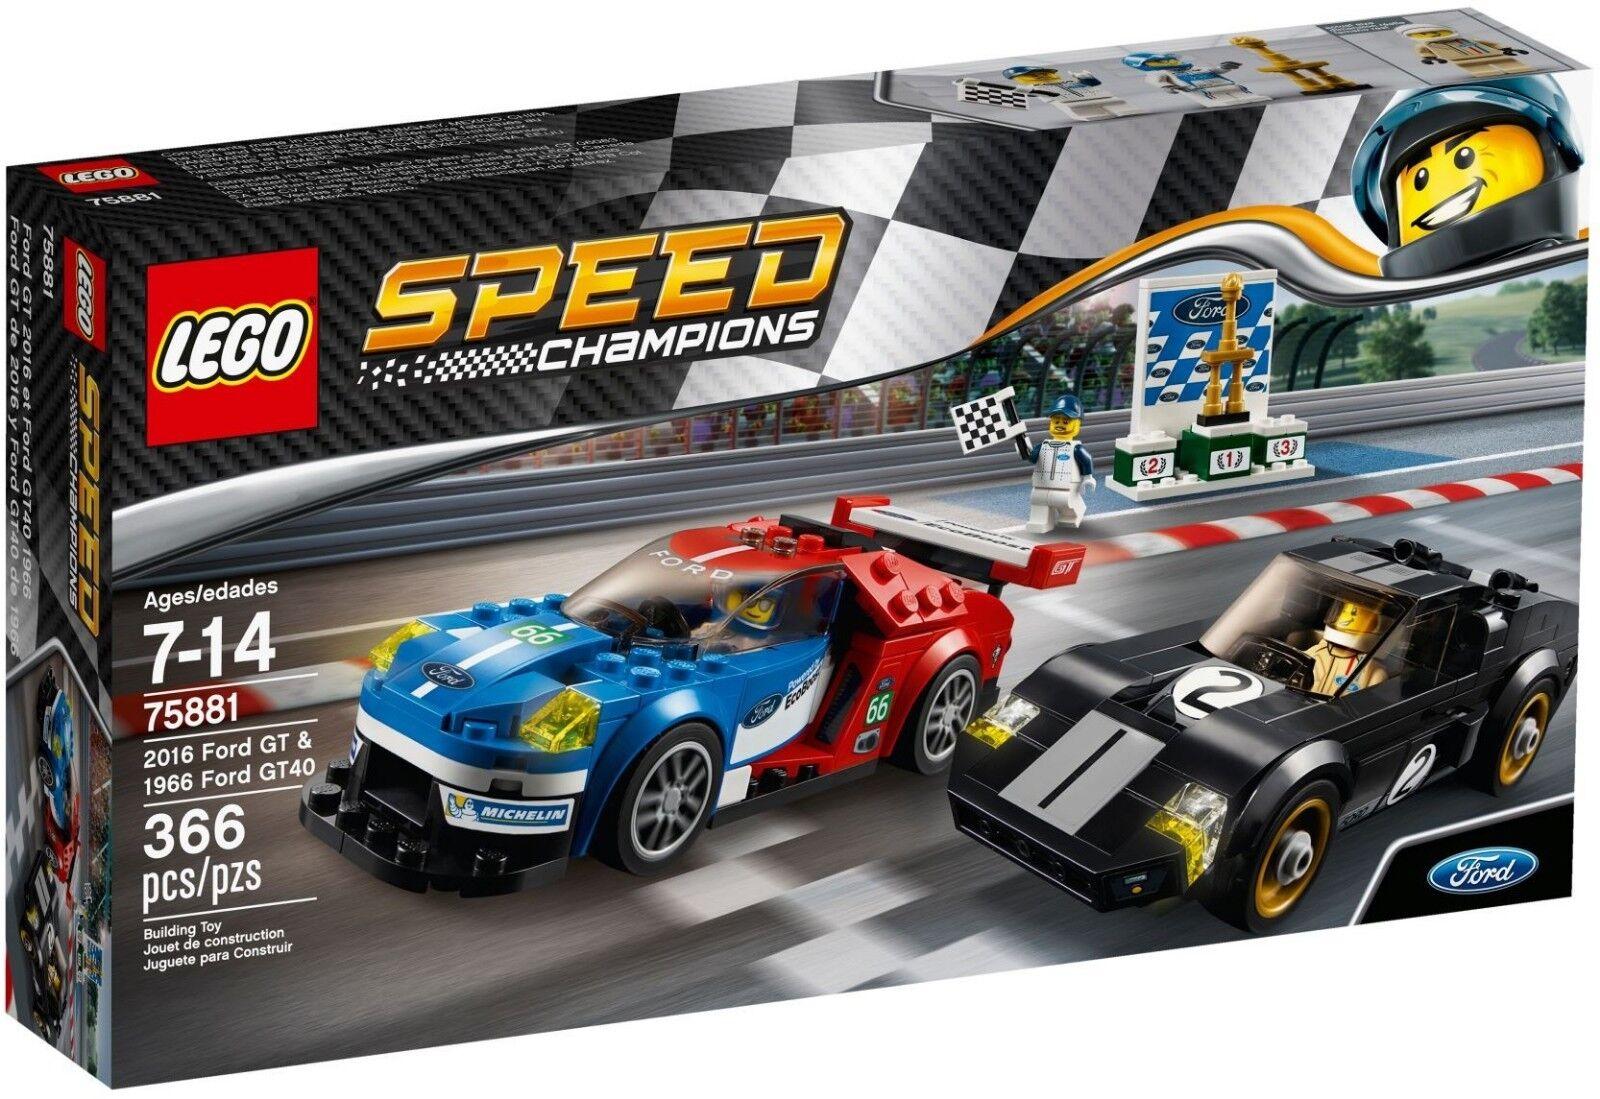 Lego 75881 Speed Champions 2016  FORD GT & 1966 FORD GT40  nouveaux produits nouveautés